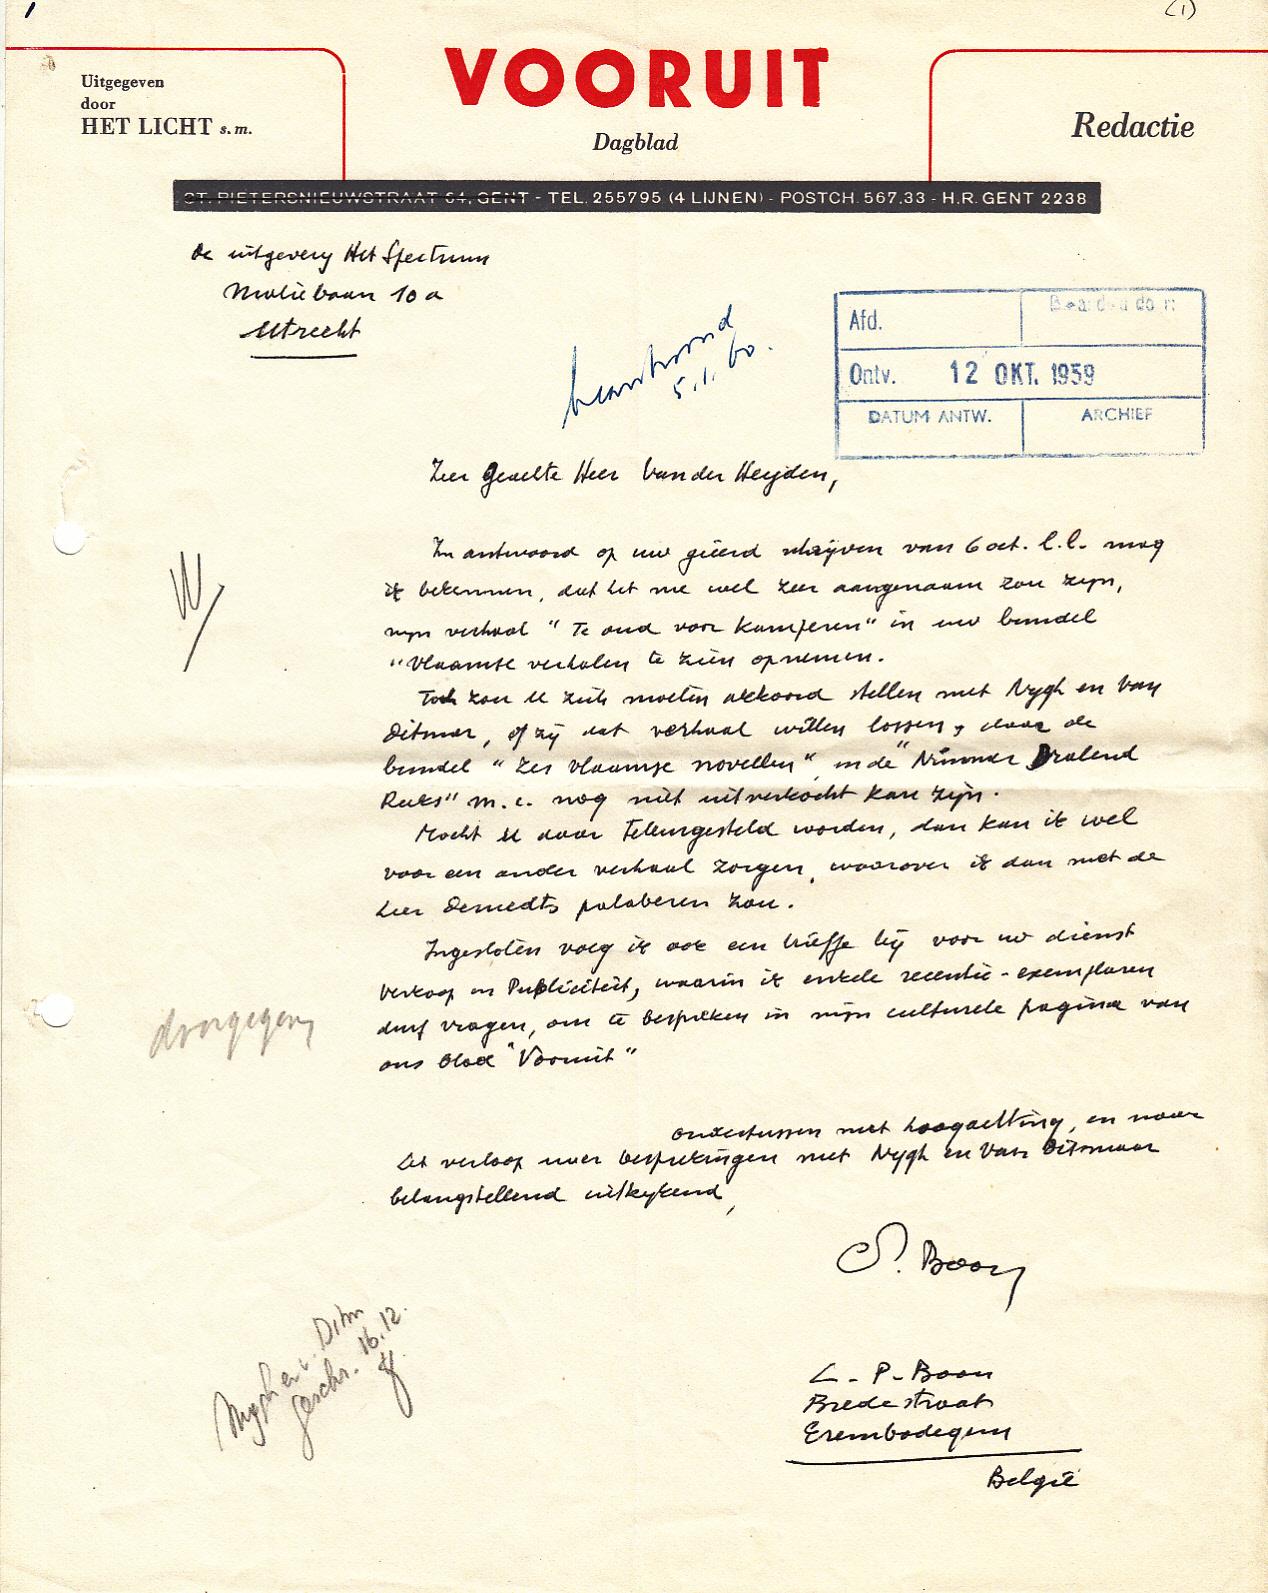 BOON, Louis Paul - L. P. Boon - 7 handgeschreven brieven aan Van der Heyden (Het Spectrum)